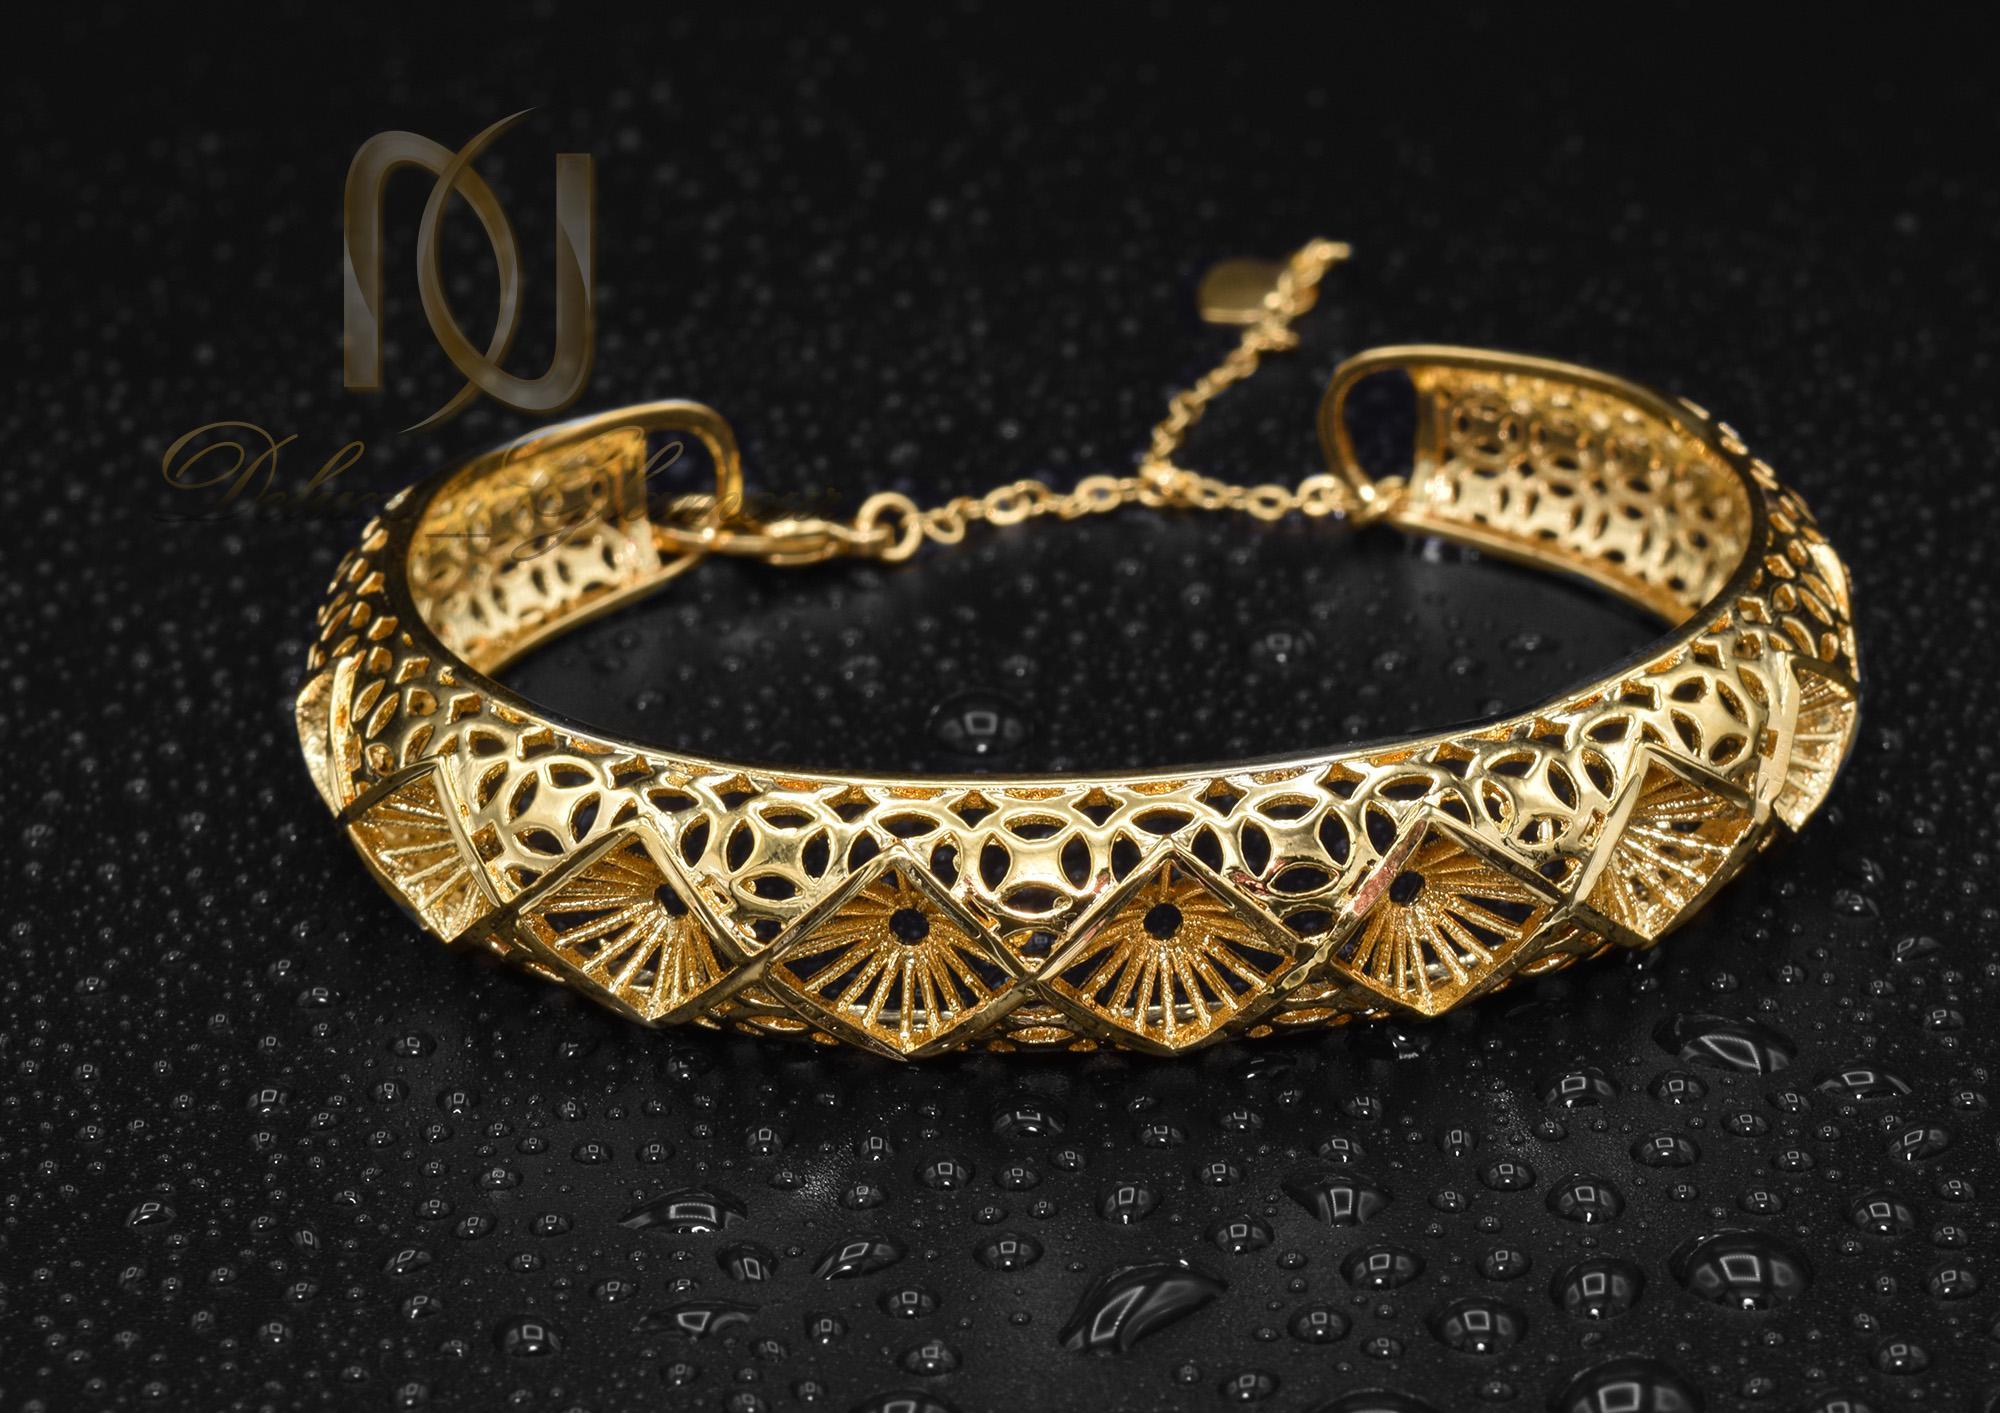 دستبند زنانه برنجی طرح لوزی طلایی ds-n372